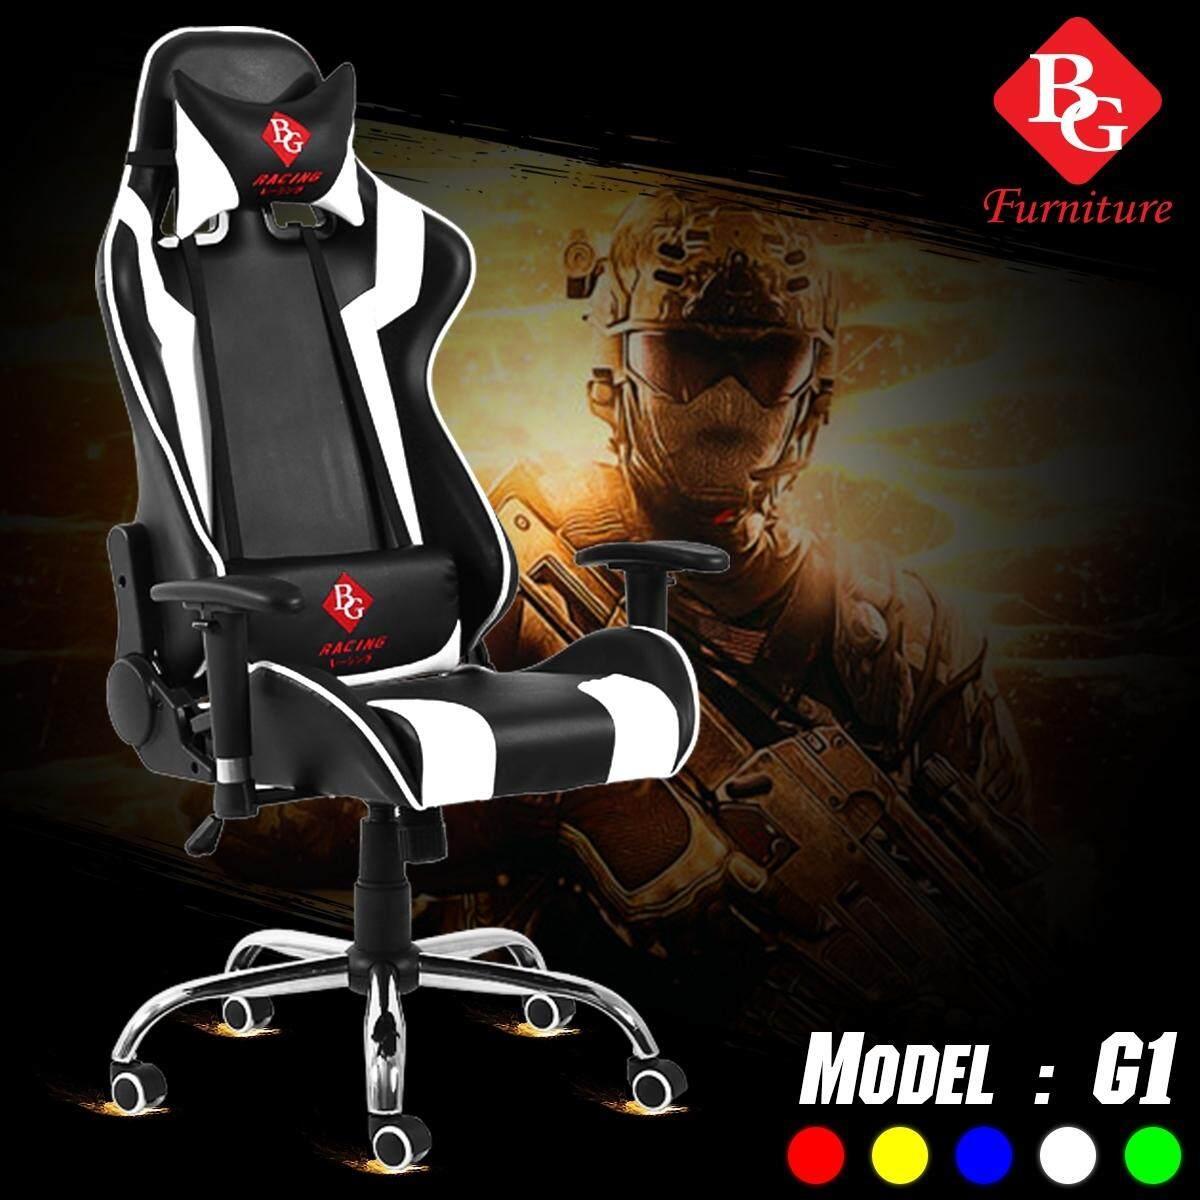 ยี่ห้อนี้ดีไหม  BG Furniture เก้าอี้เล่นเกม Racing Gaming Chair รุ่น G1